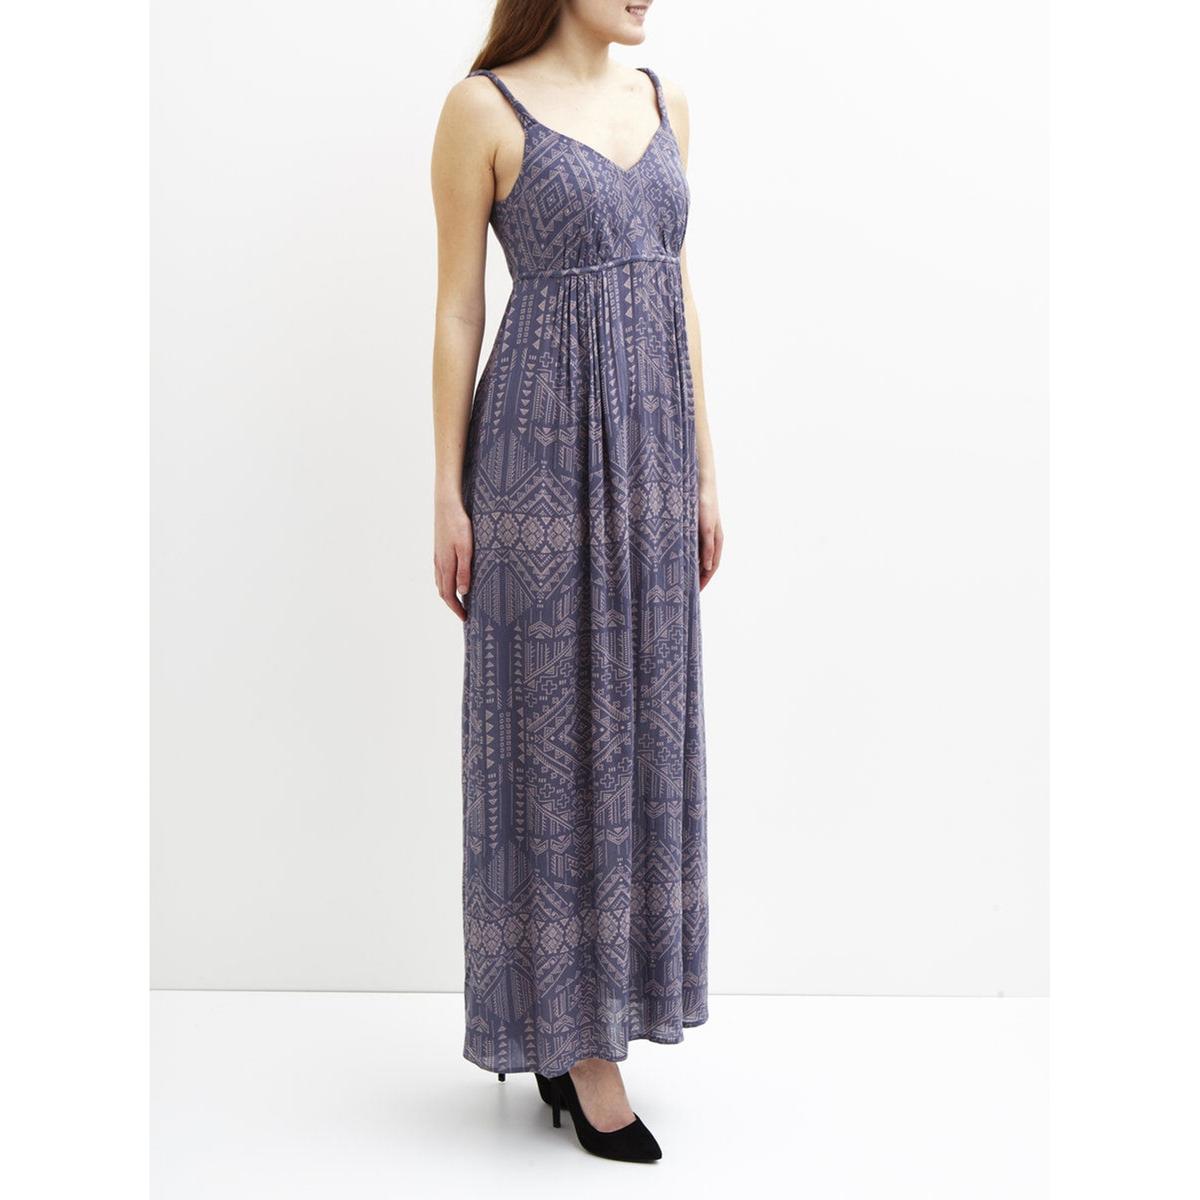 Платье длинное без рукавов, с плиссированным эффектом VILA VILUKKAL MAXI DRESS